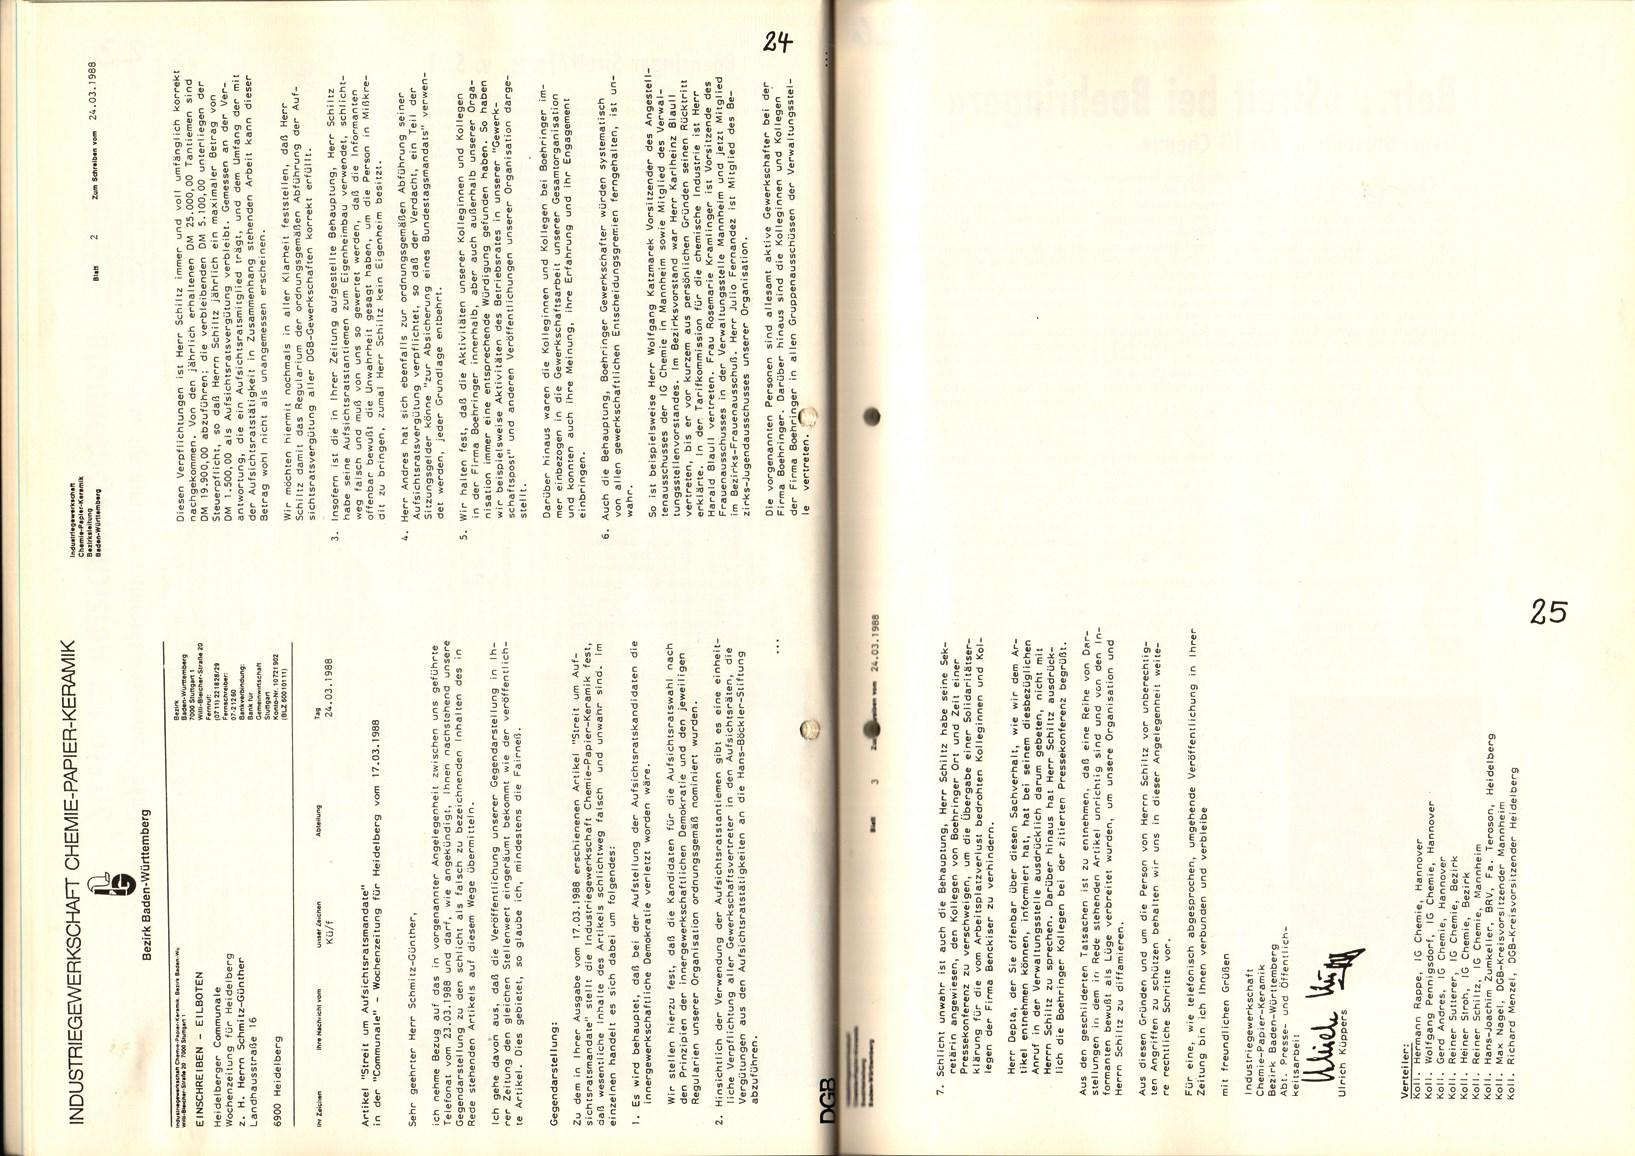 Mannheim_Boehringer_Ausschluss_VKL_Doku1_1988_33